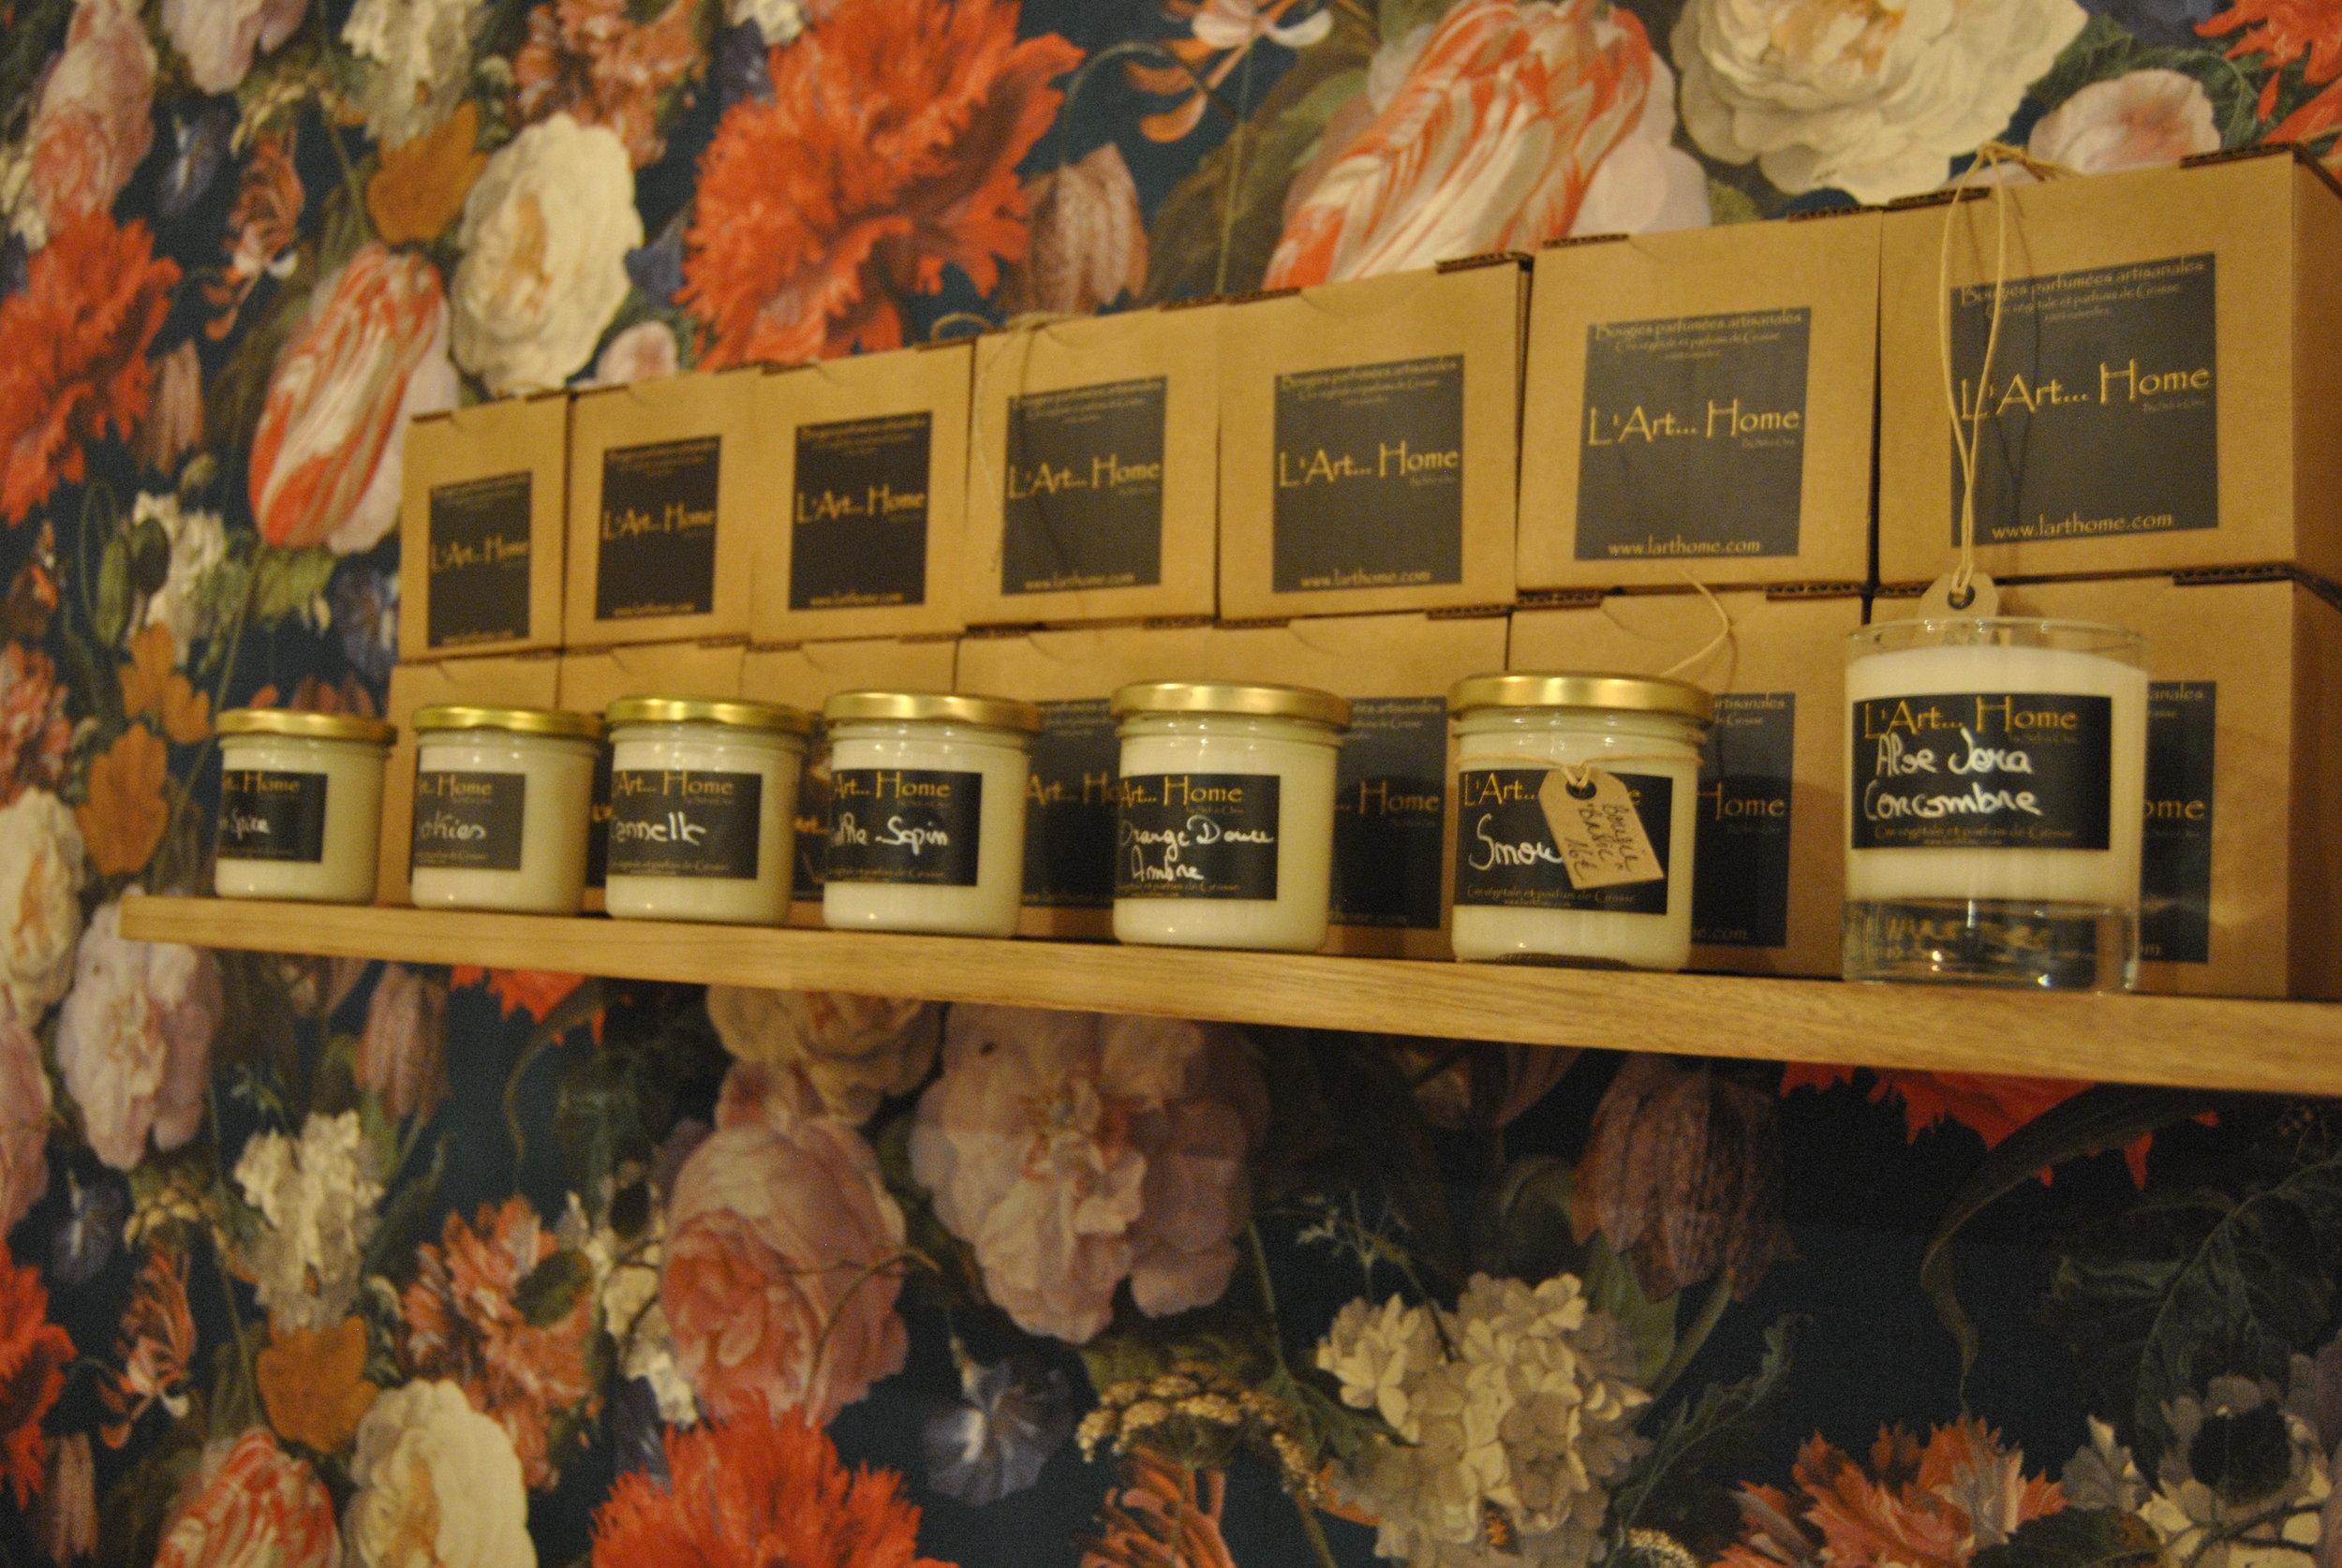 Des huiles de parfum et de la cire de soja, voici tout ce qui compose ces bougies fabriquées à la main dans un atelier pas si loin, à Dinant.